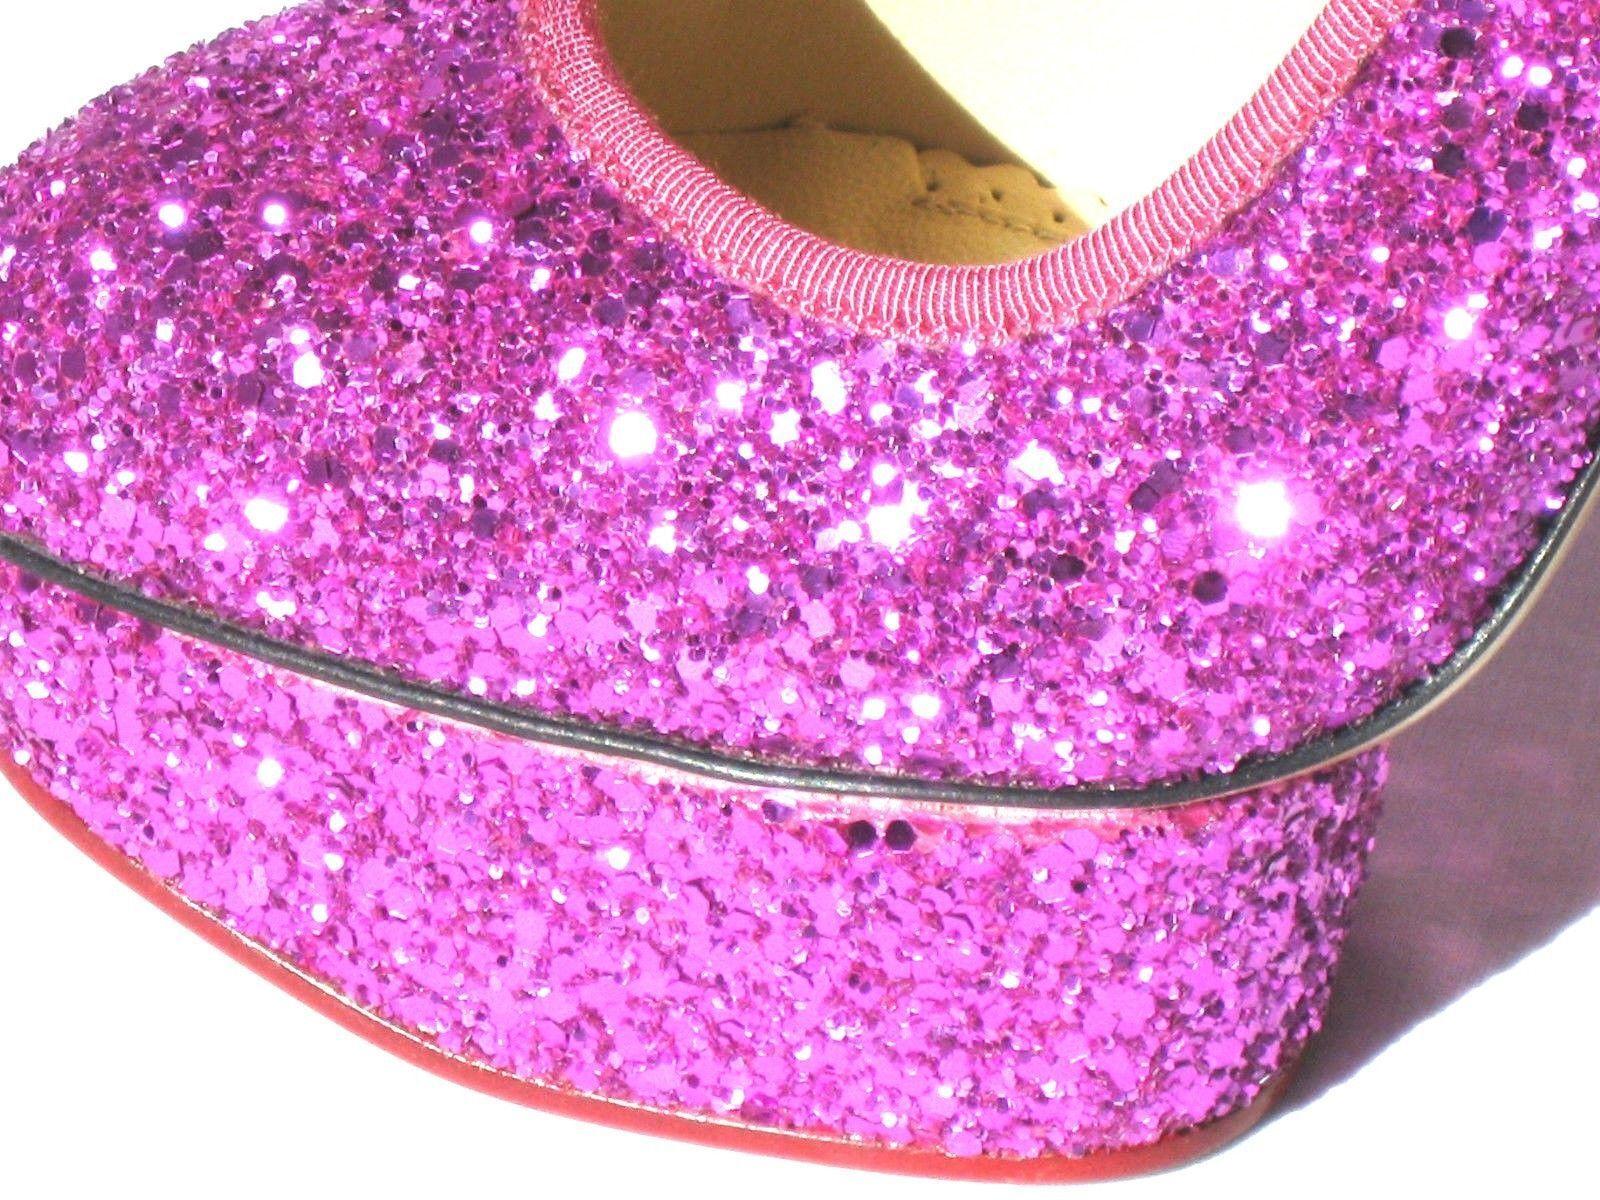 945 New Charlotte Olympia Rosa FUCHSIA Glitter PRISCILLA Platform Pump schuhe 38 6ab5b7